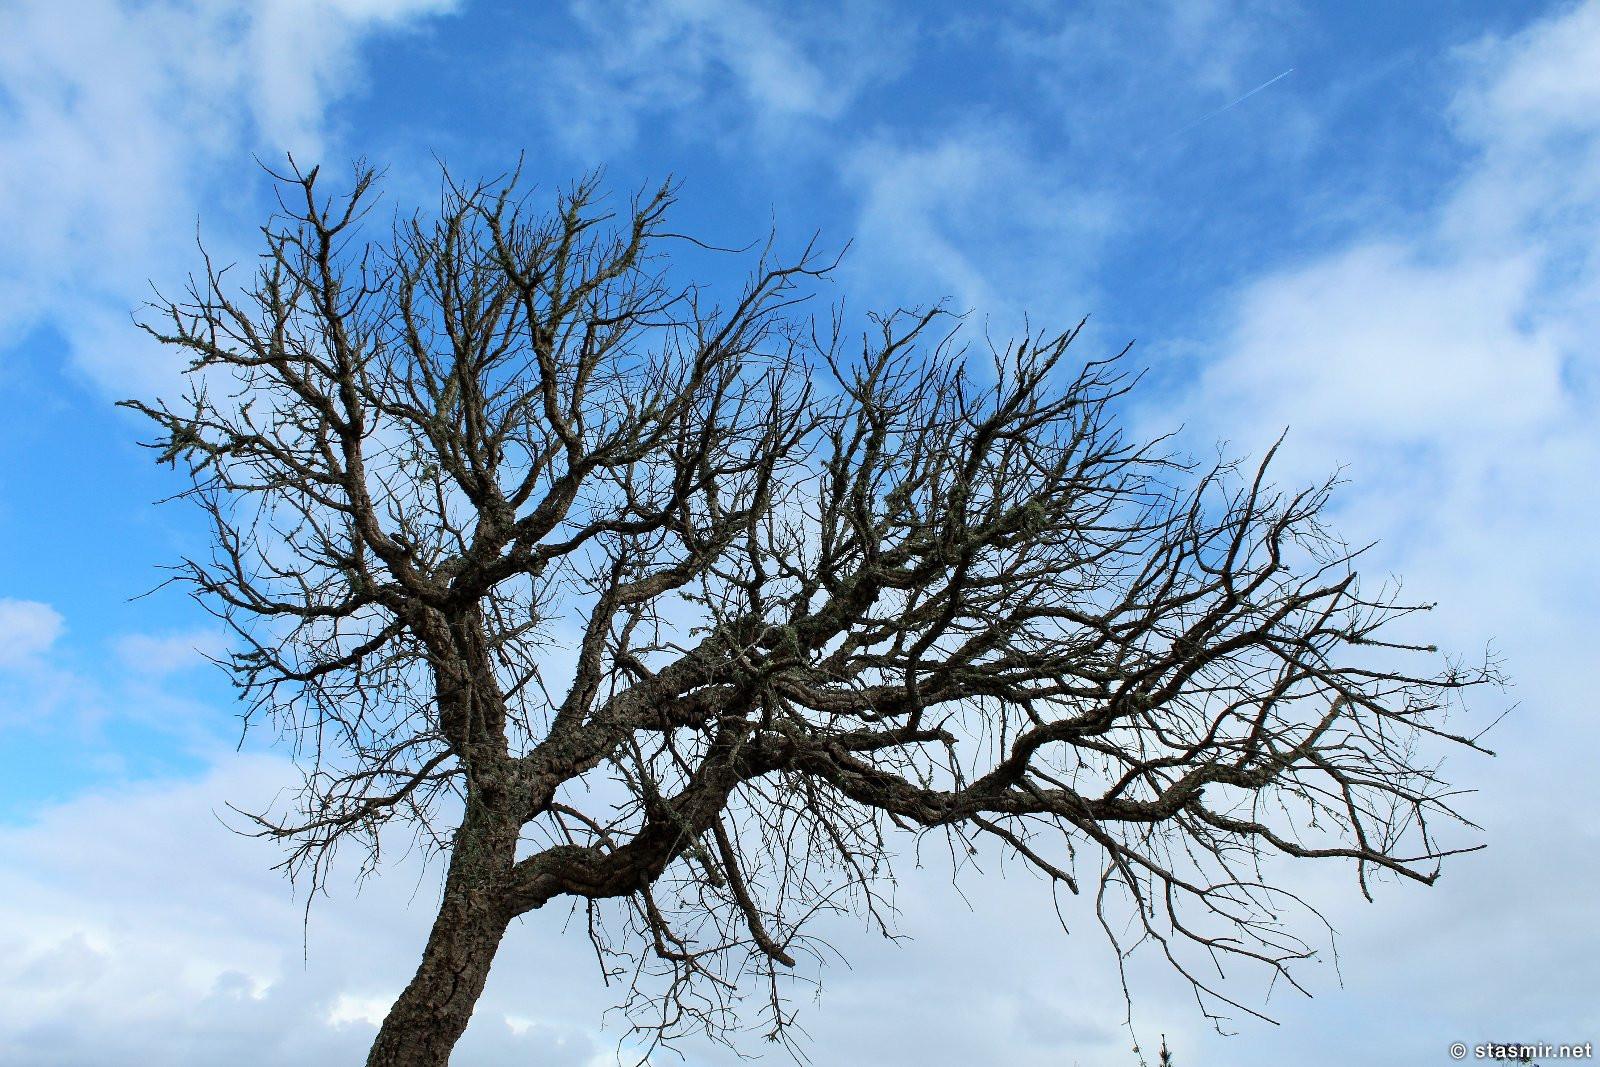 фотография дерева где-то в Португалии, фото Стасмир, photo Stasmir